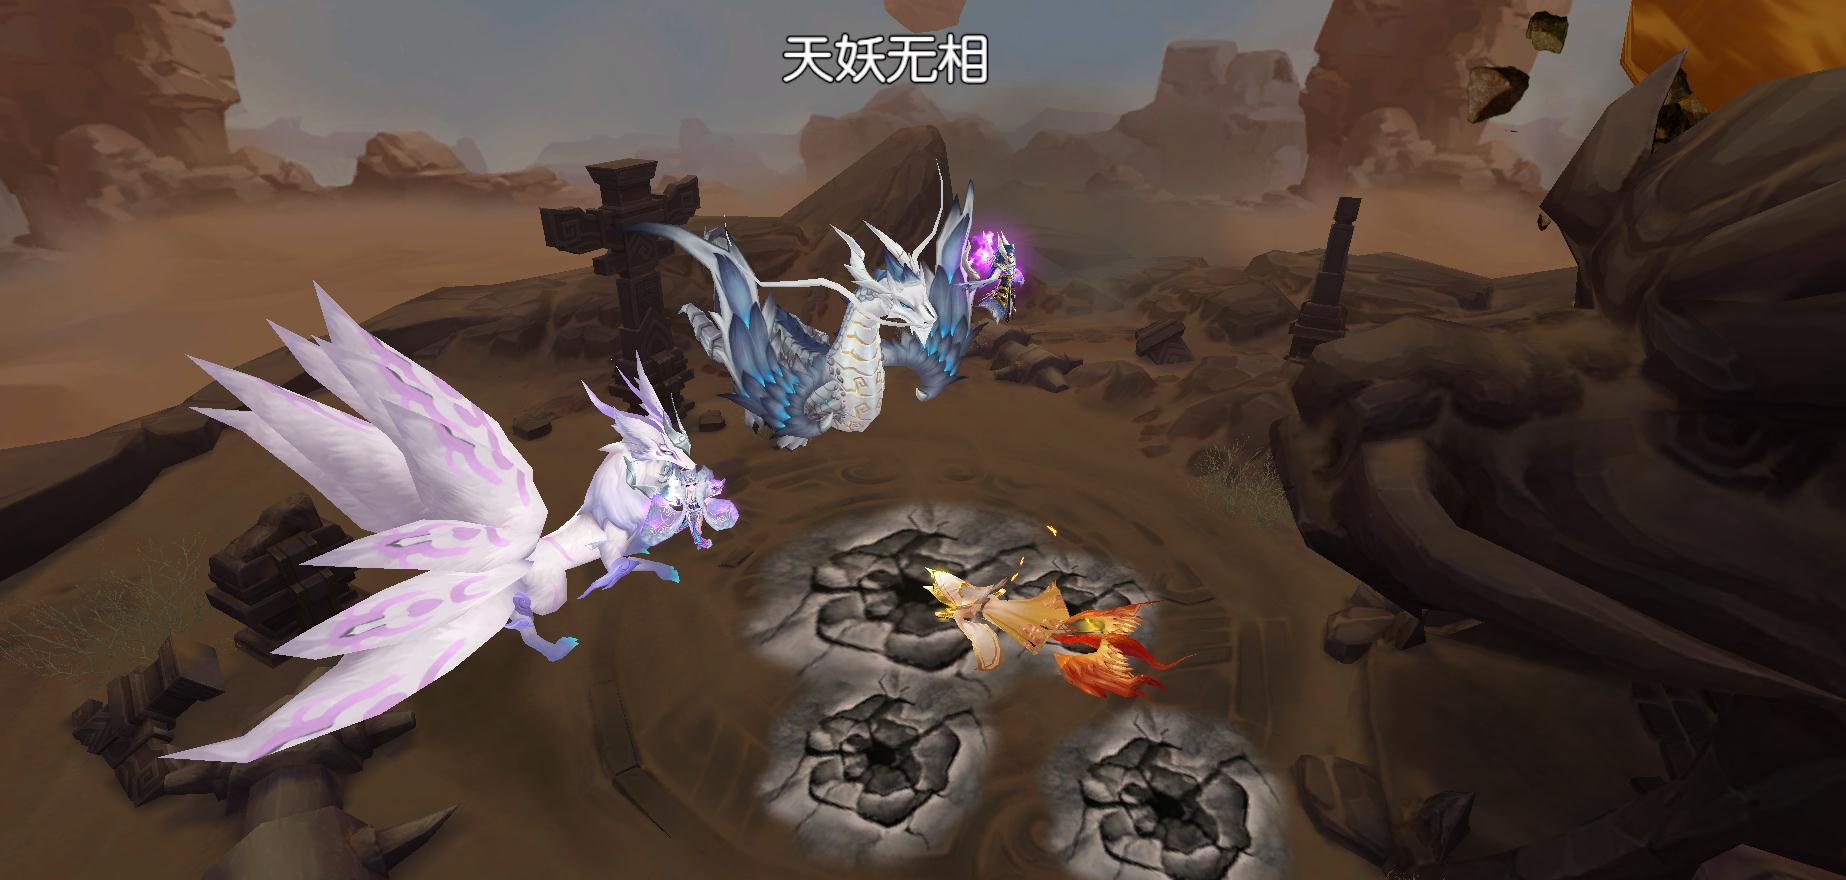 《尘缘H5》游戏截图